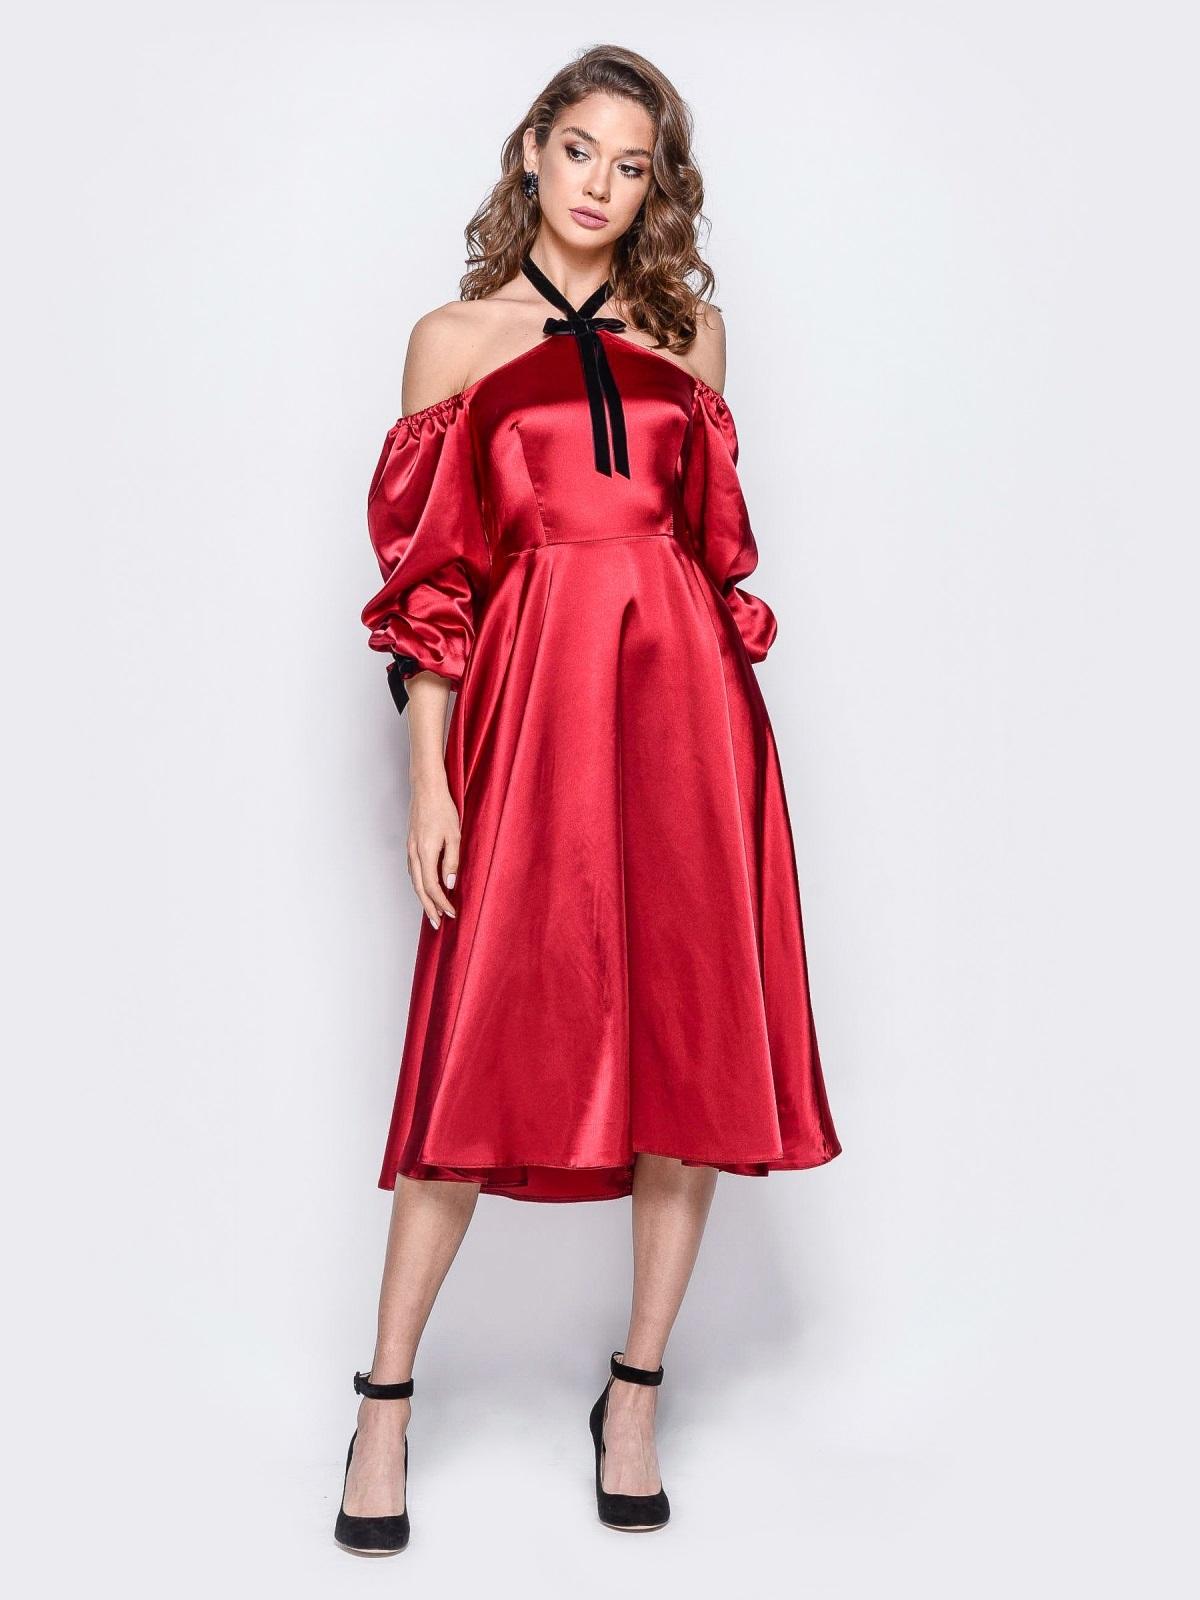 Атласное платье красного цвета с открытыми плечами - 18108, фото 1 – интернет-магазин Dressa